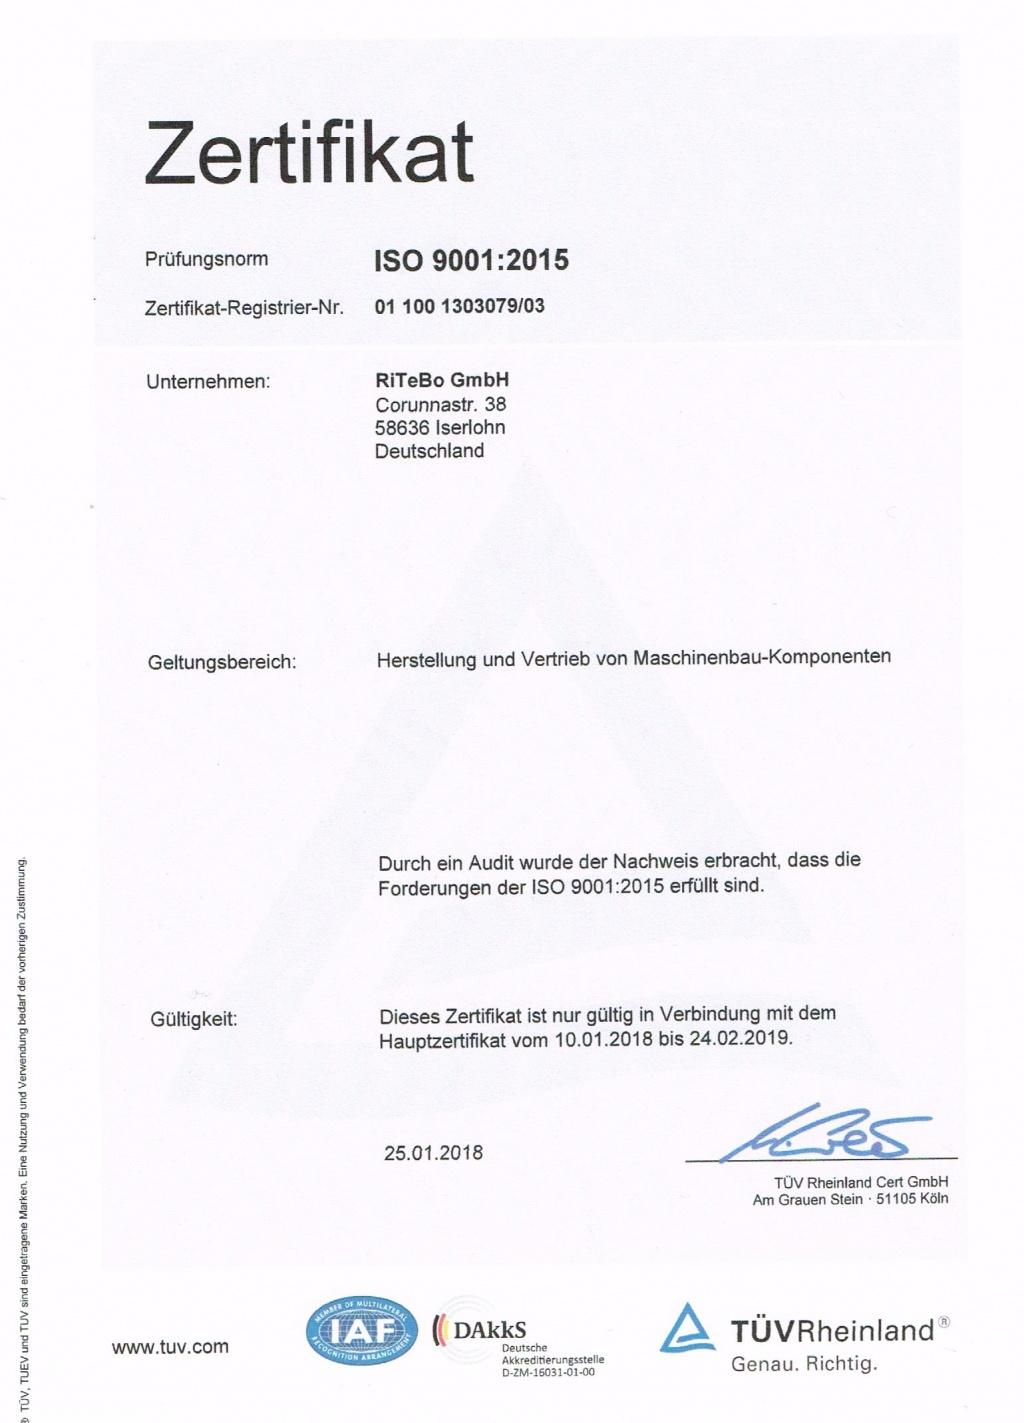 Zertifikat ISO 9001 / 2015